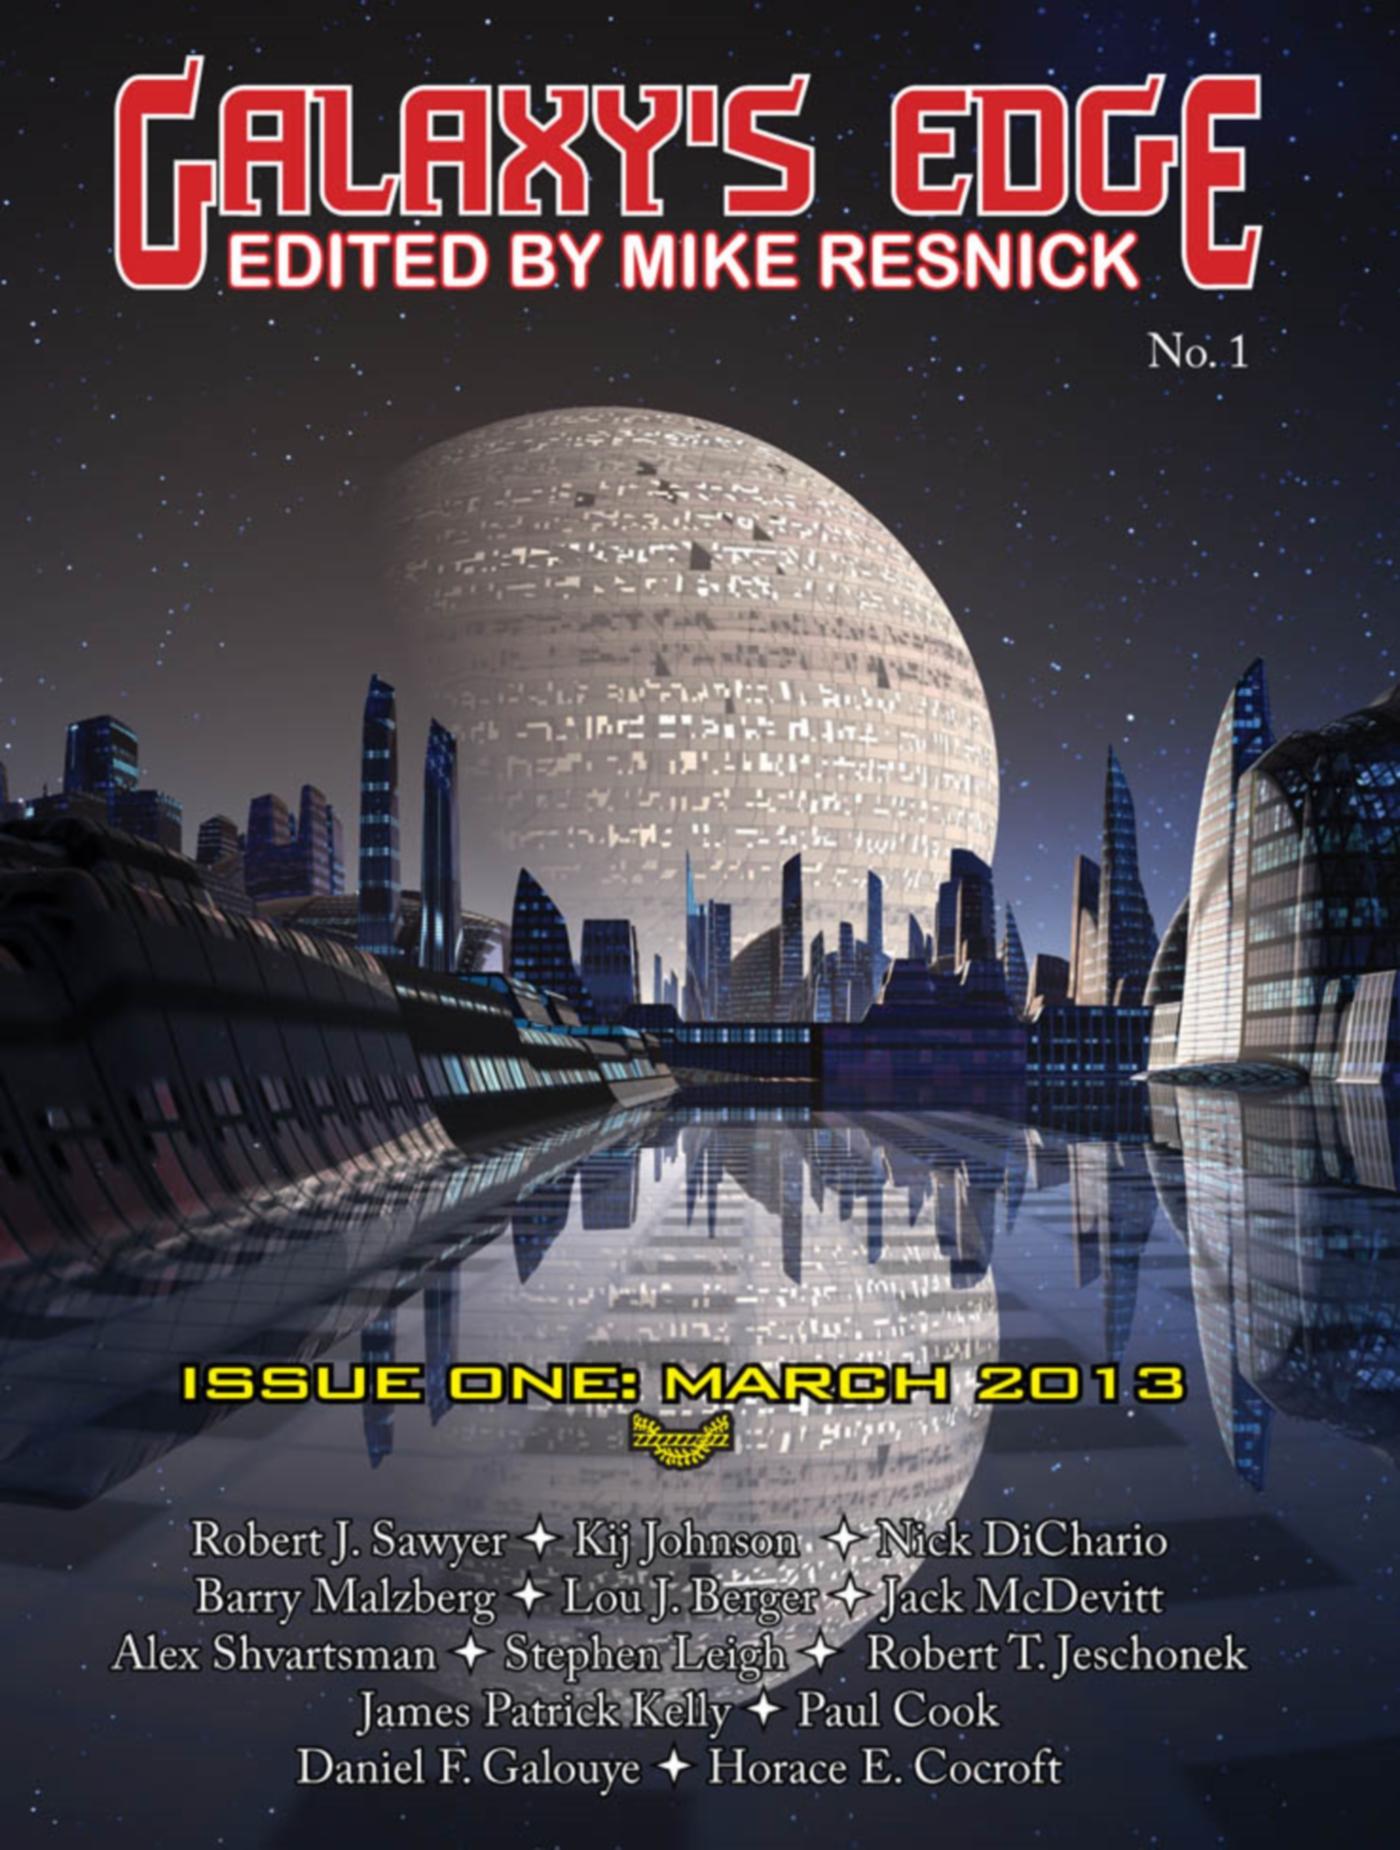 Mike Resnick - Purgatorio, Storia di un mondo lontano 5 - fanzine